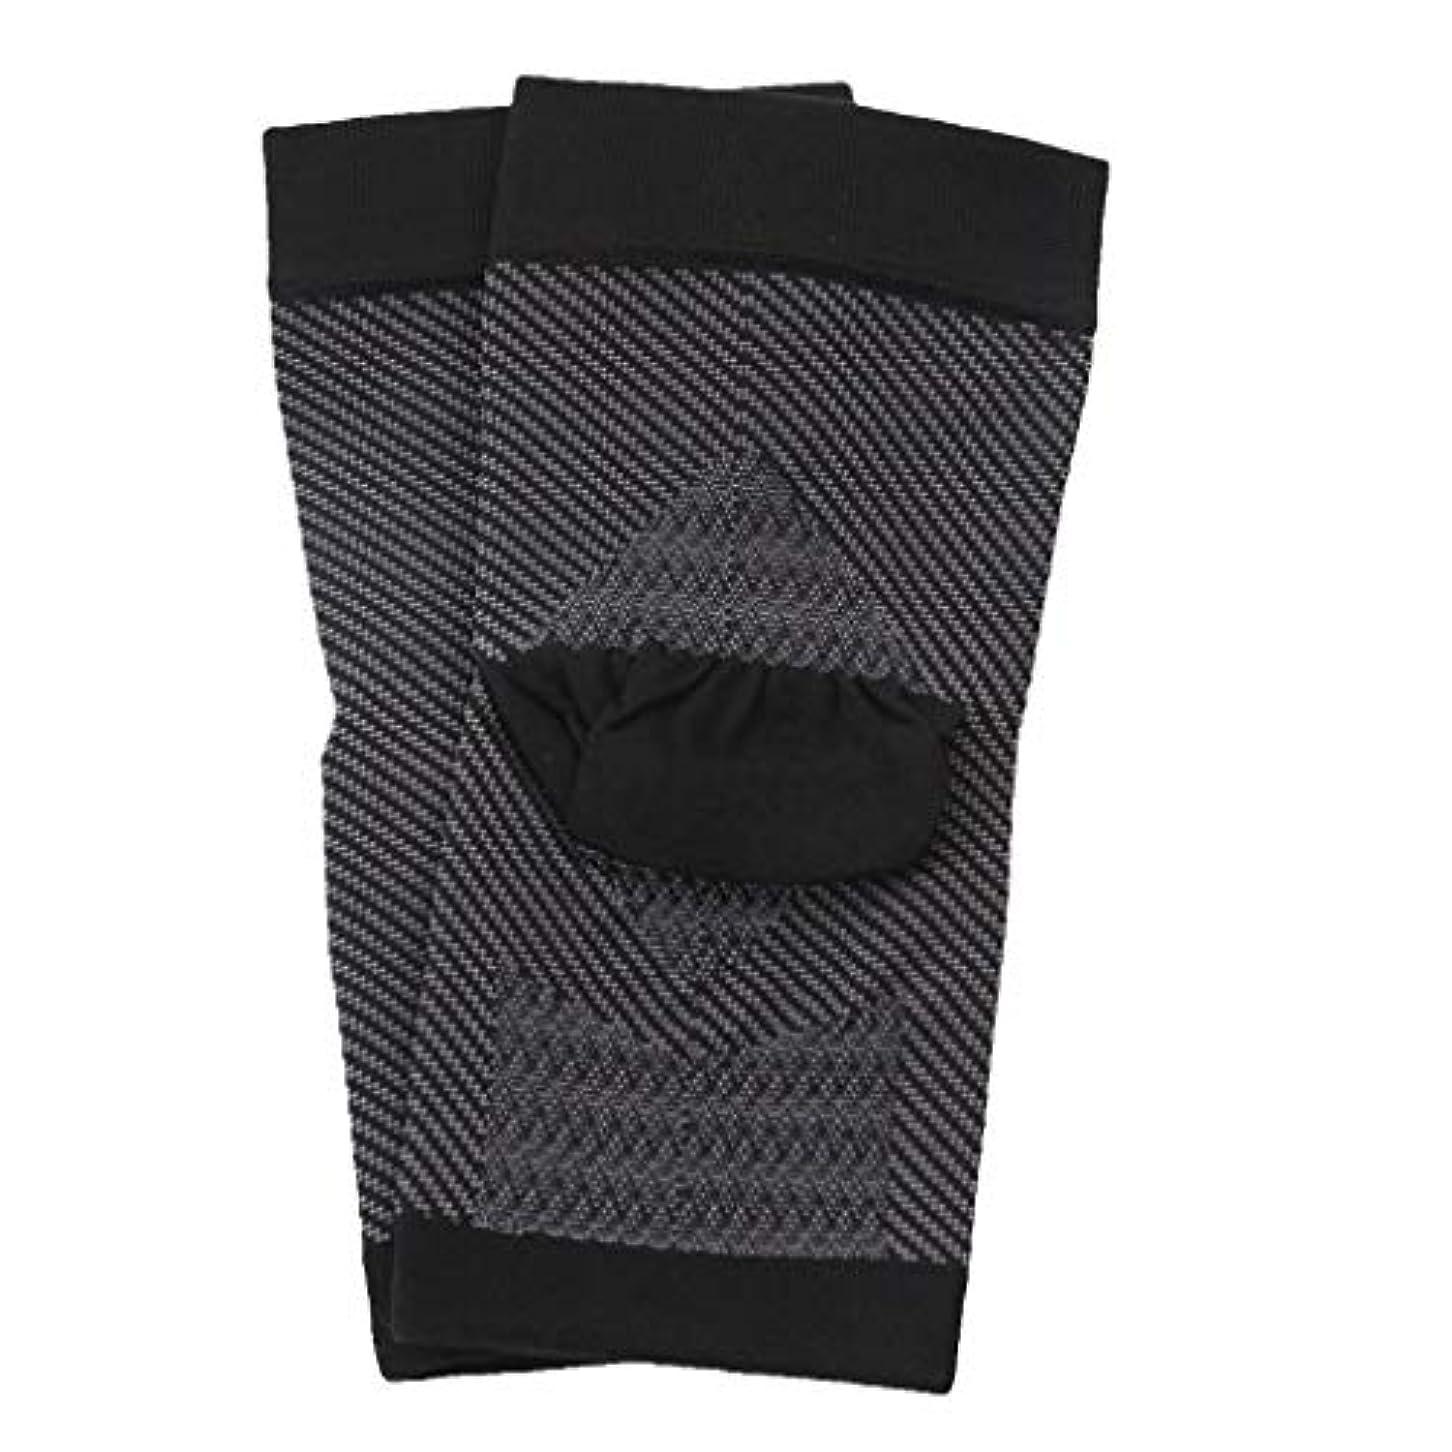 リハーサル絡まる除去Hellery 全2種類 かかと 靴下 かかとケア レディース メンズ 靴下 かかと ひび割れ 保湿 美容 1ペア - L-XL